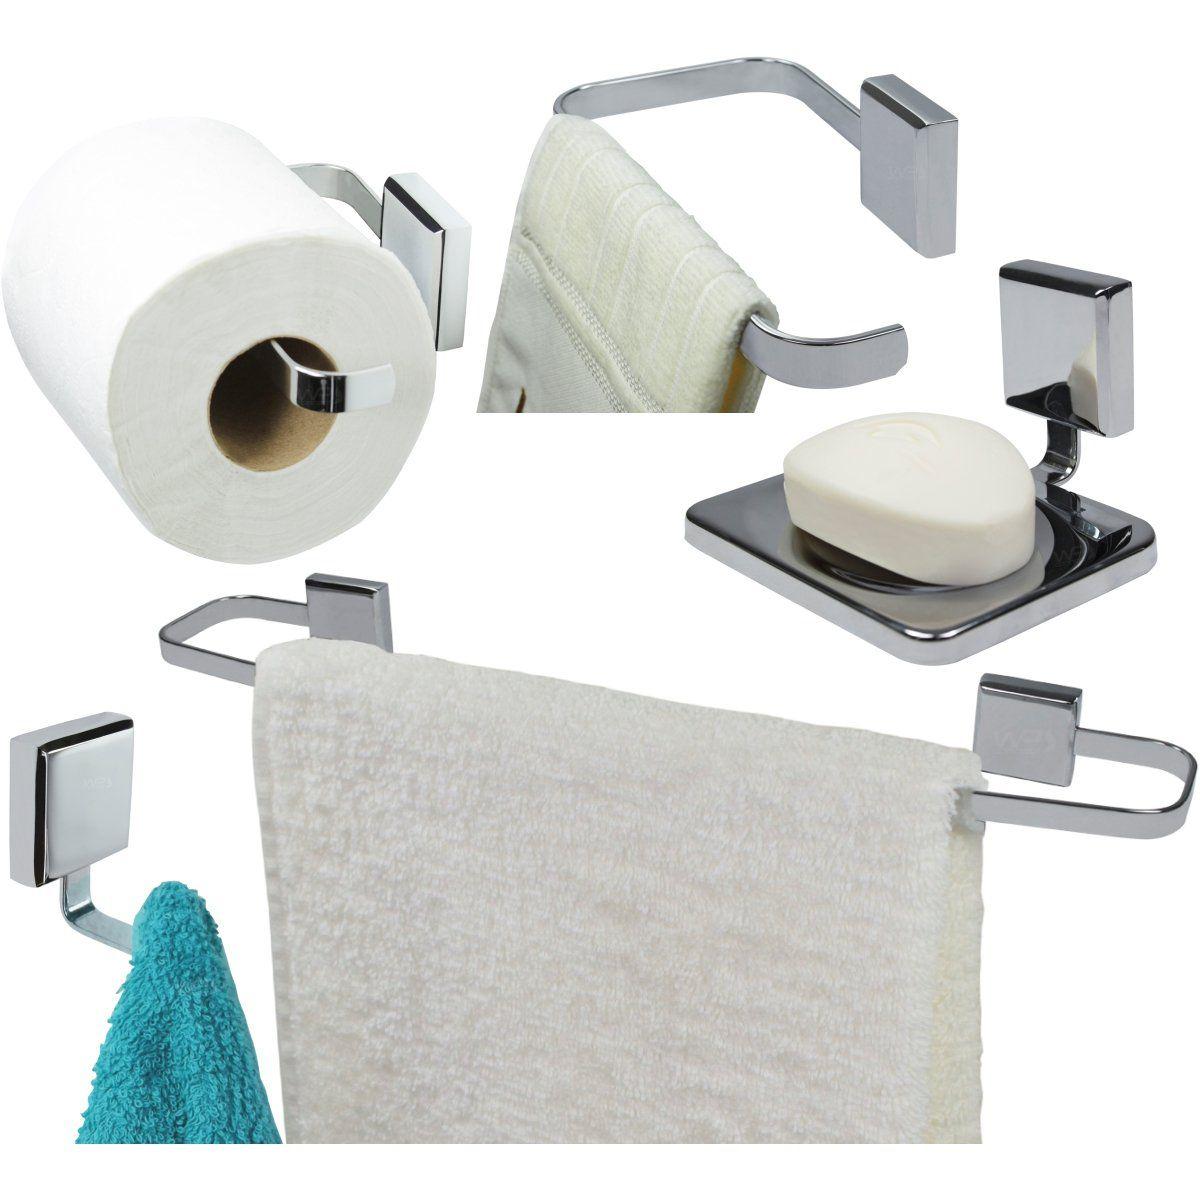 Kit Acessórios Para Banheiro 5 Peças Misú - Cromado